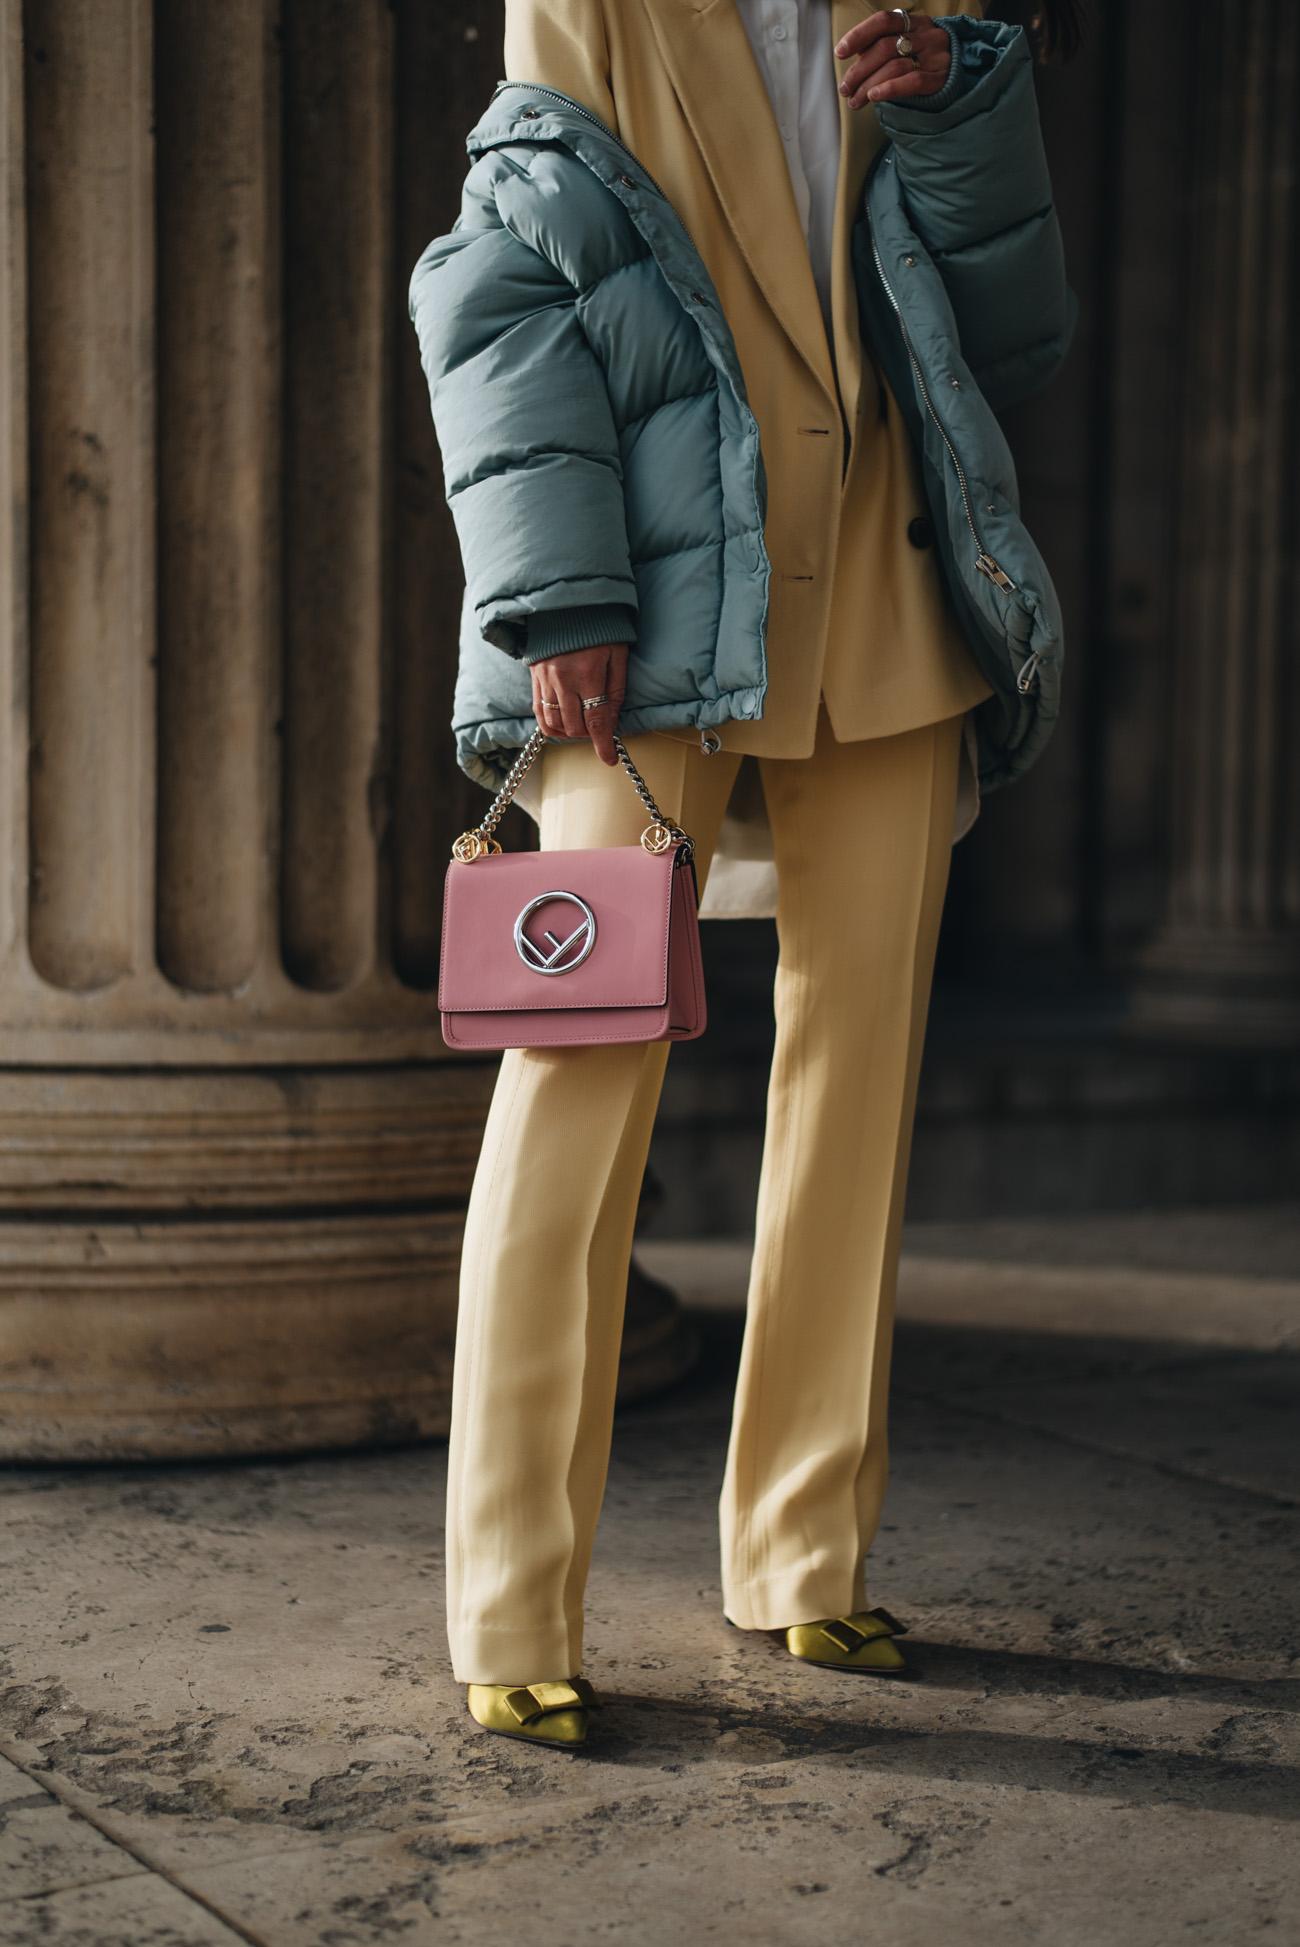 Gelber-Doppelreiher-Hosenanzug-Topshop-festliche-silvester-outfits-Fashionblogger-fashion-blog-deutschland-münchen-fashiioncarpet-nina-schwichtenberg